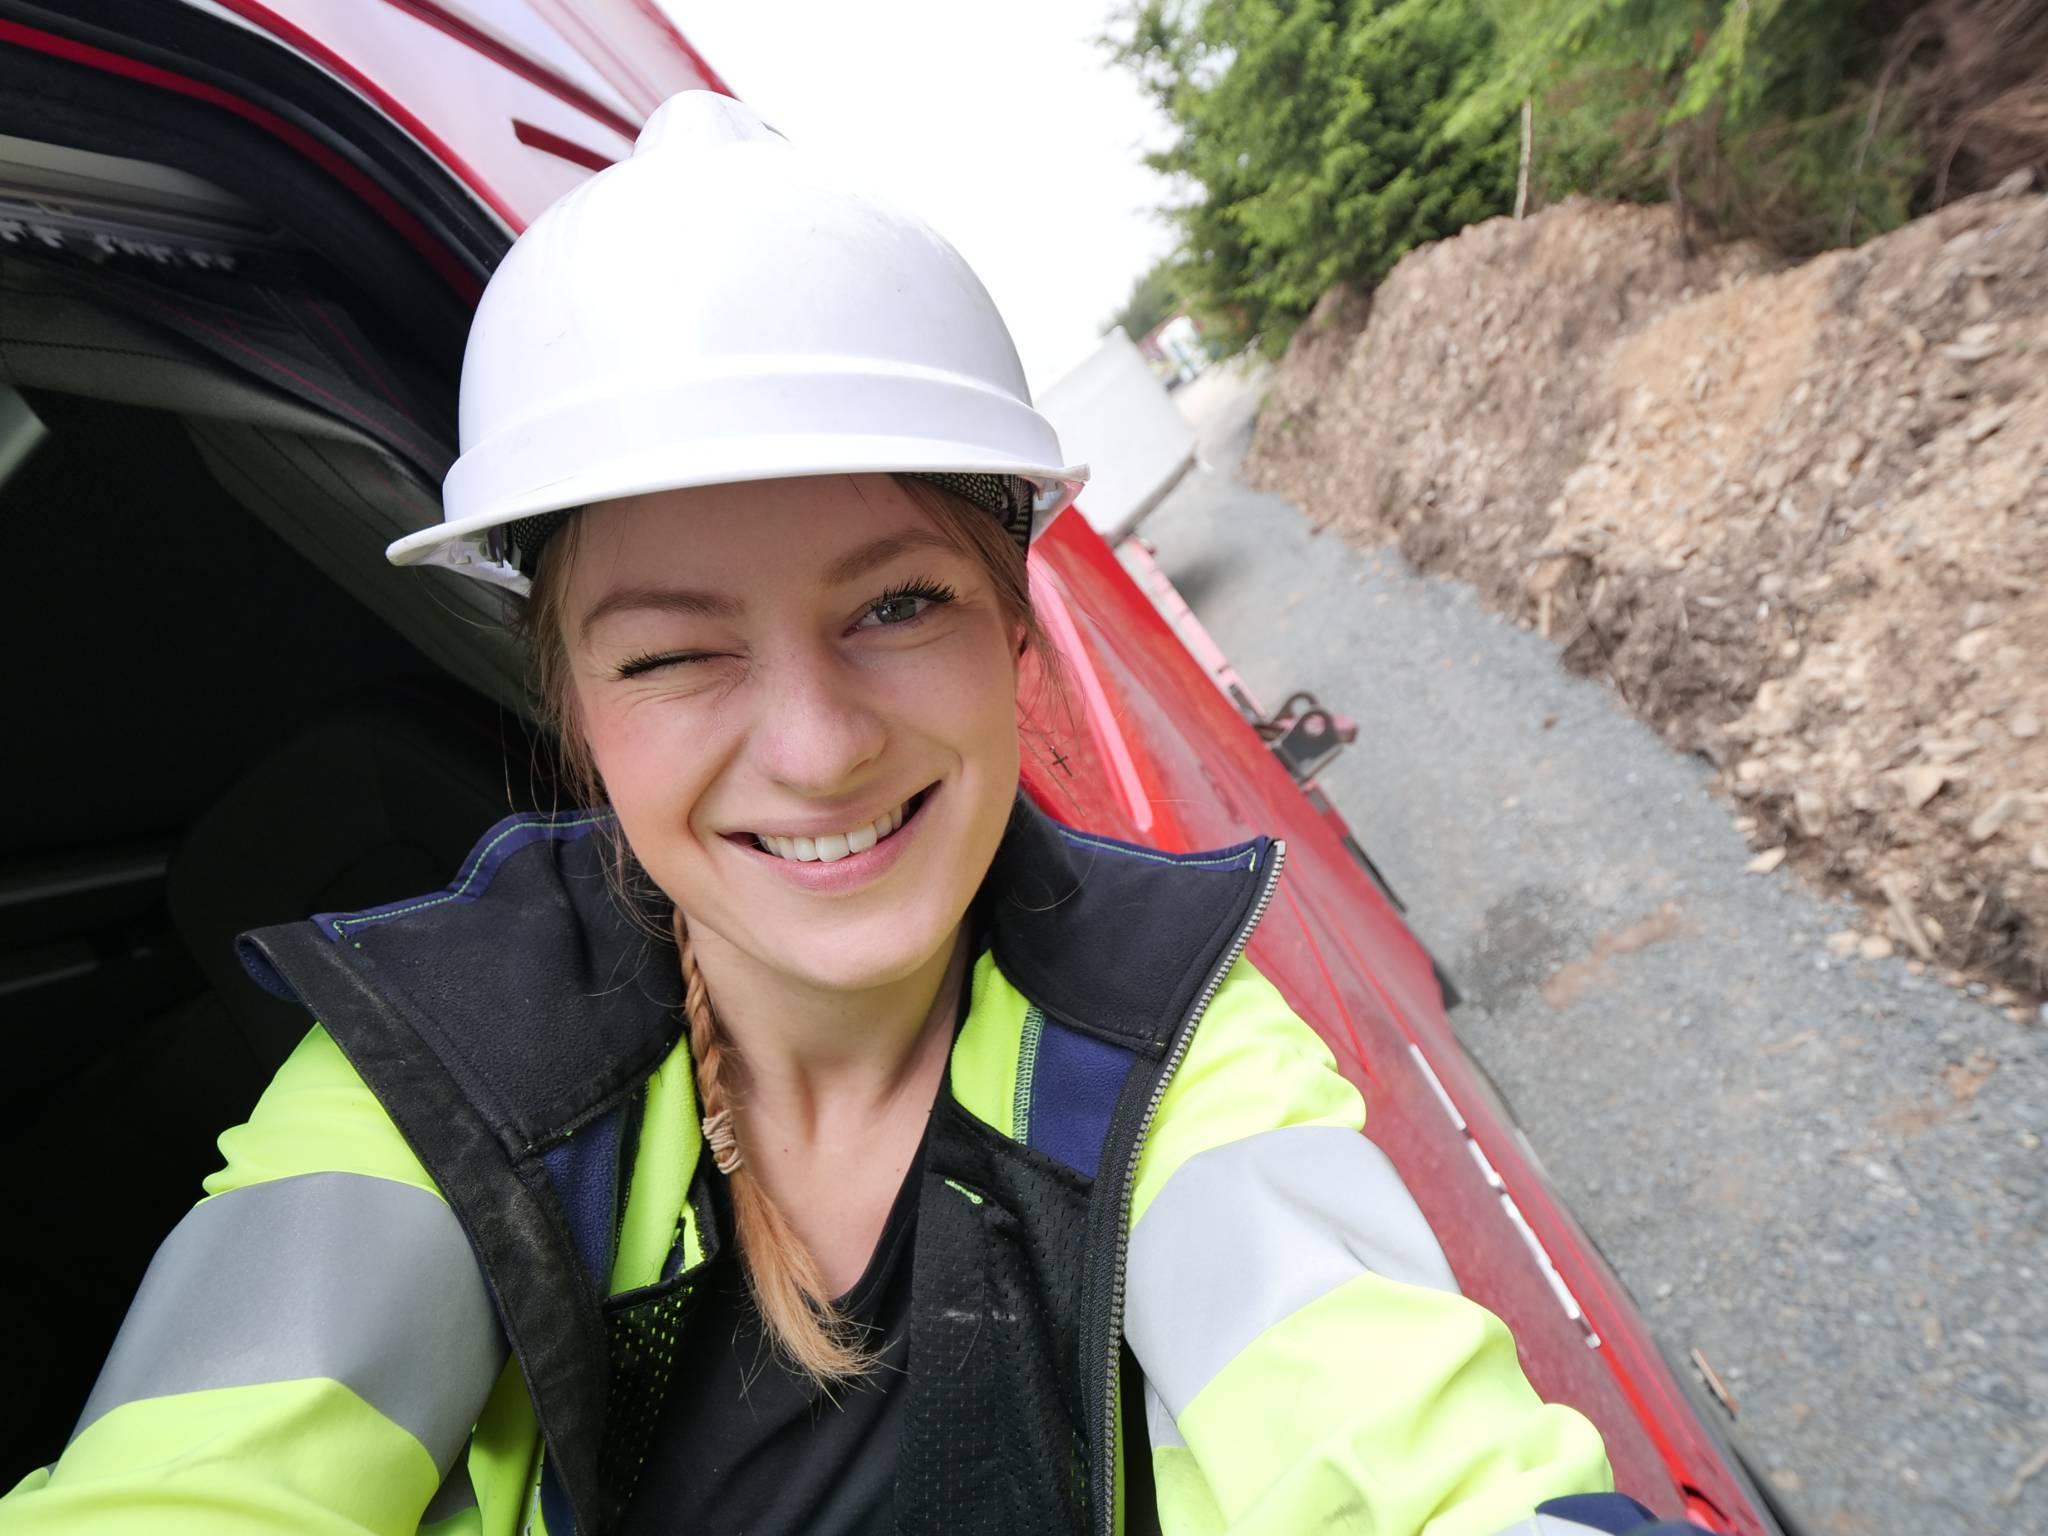 """Jak wygląda świat zza kierownicy ciężarówki? Rozmowa z """"trucking girl"""" Iwoną Blecharczyk"""